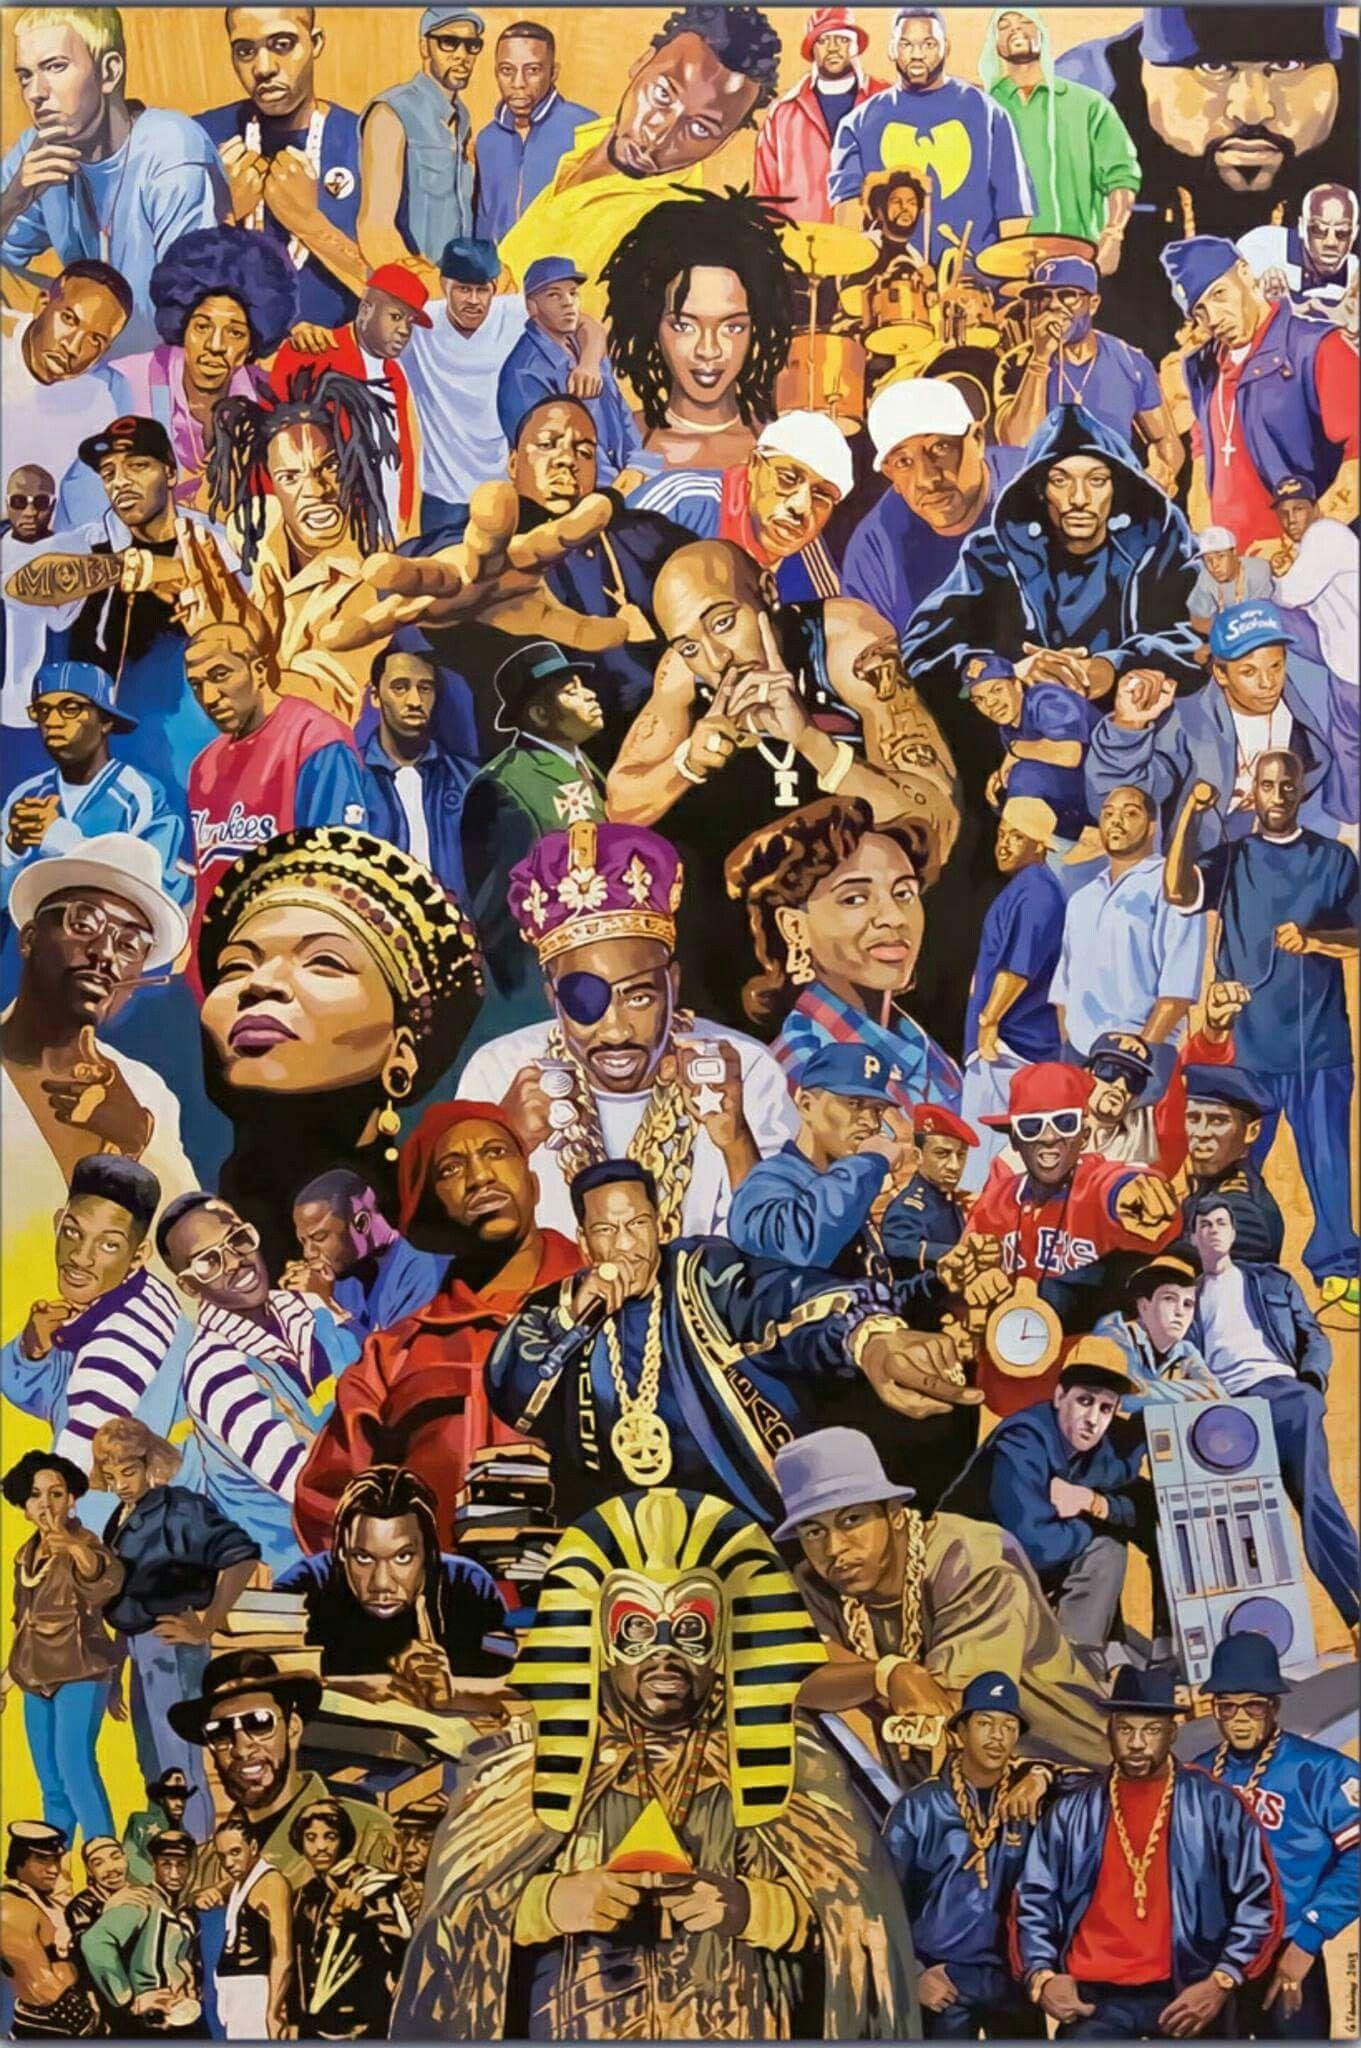 hop hip 90s wallpapers